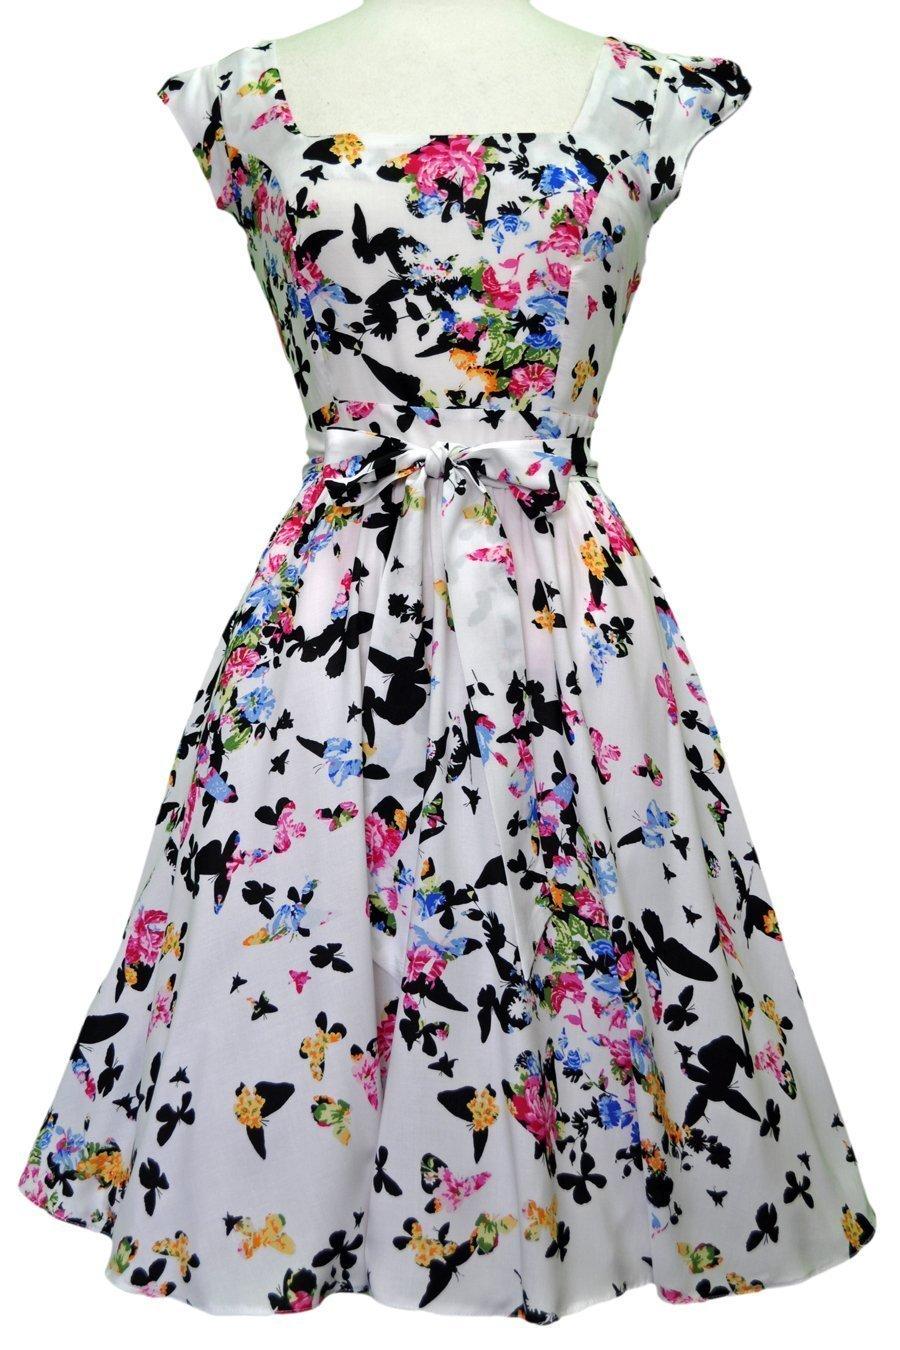 Sommerfulge swing kjole